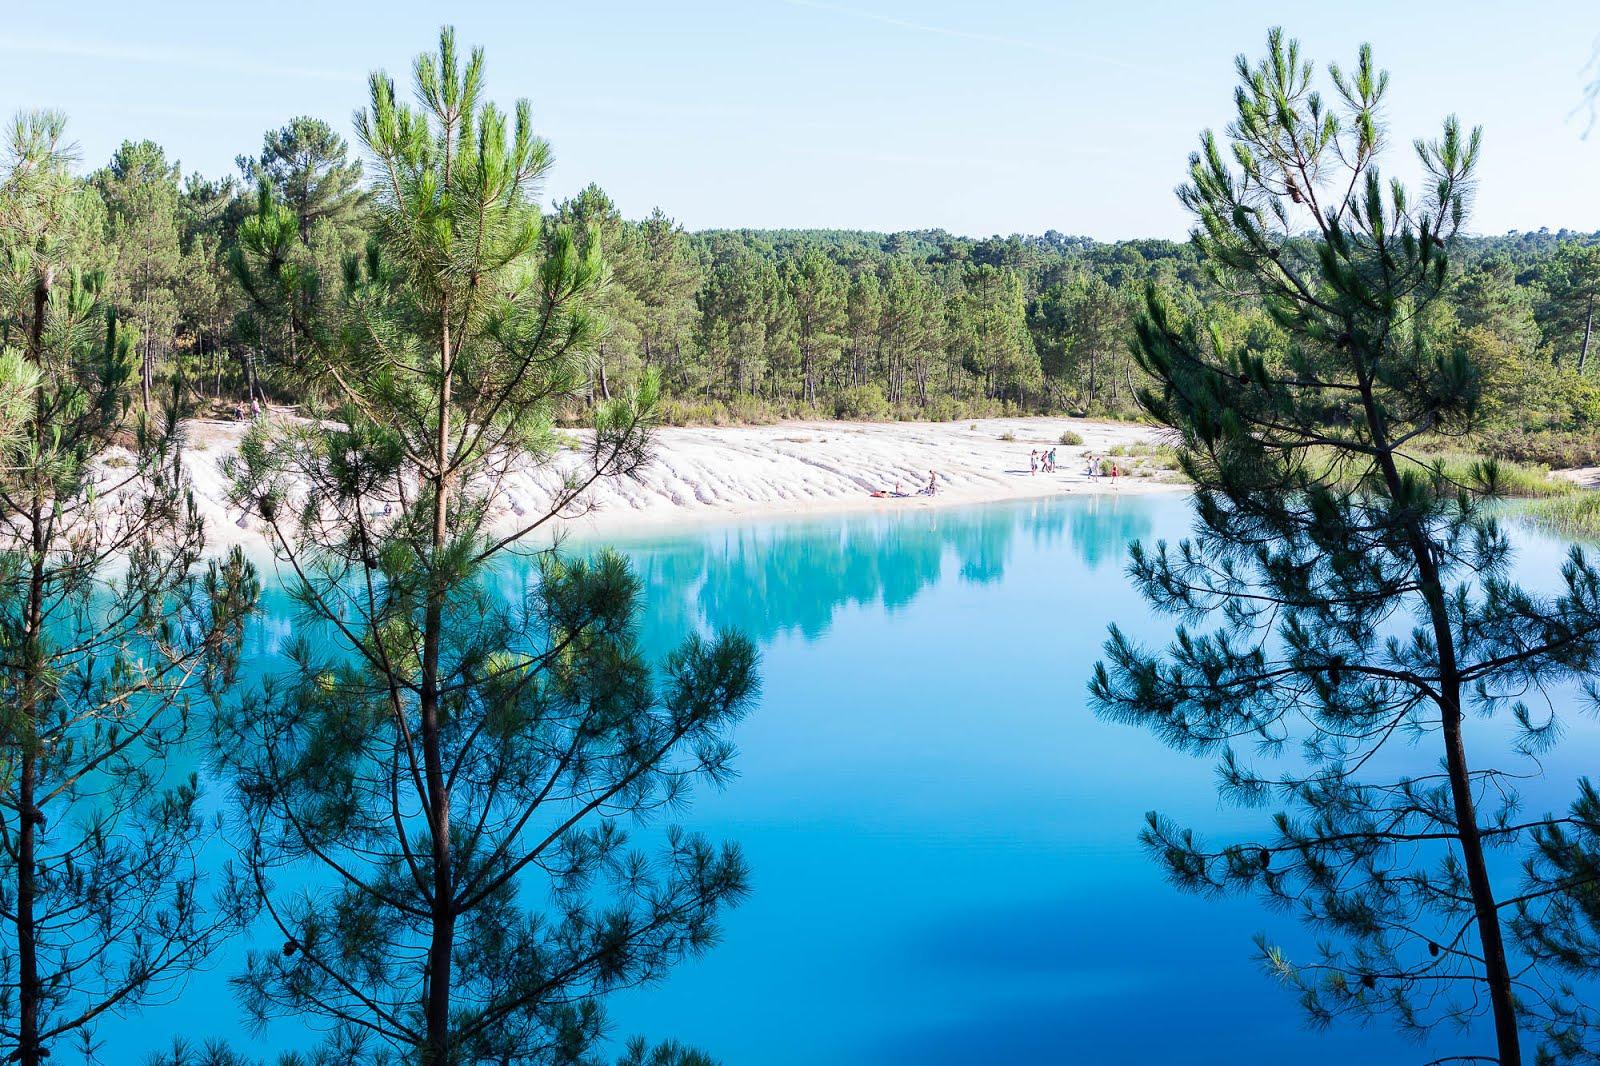 étangs bleus lagons